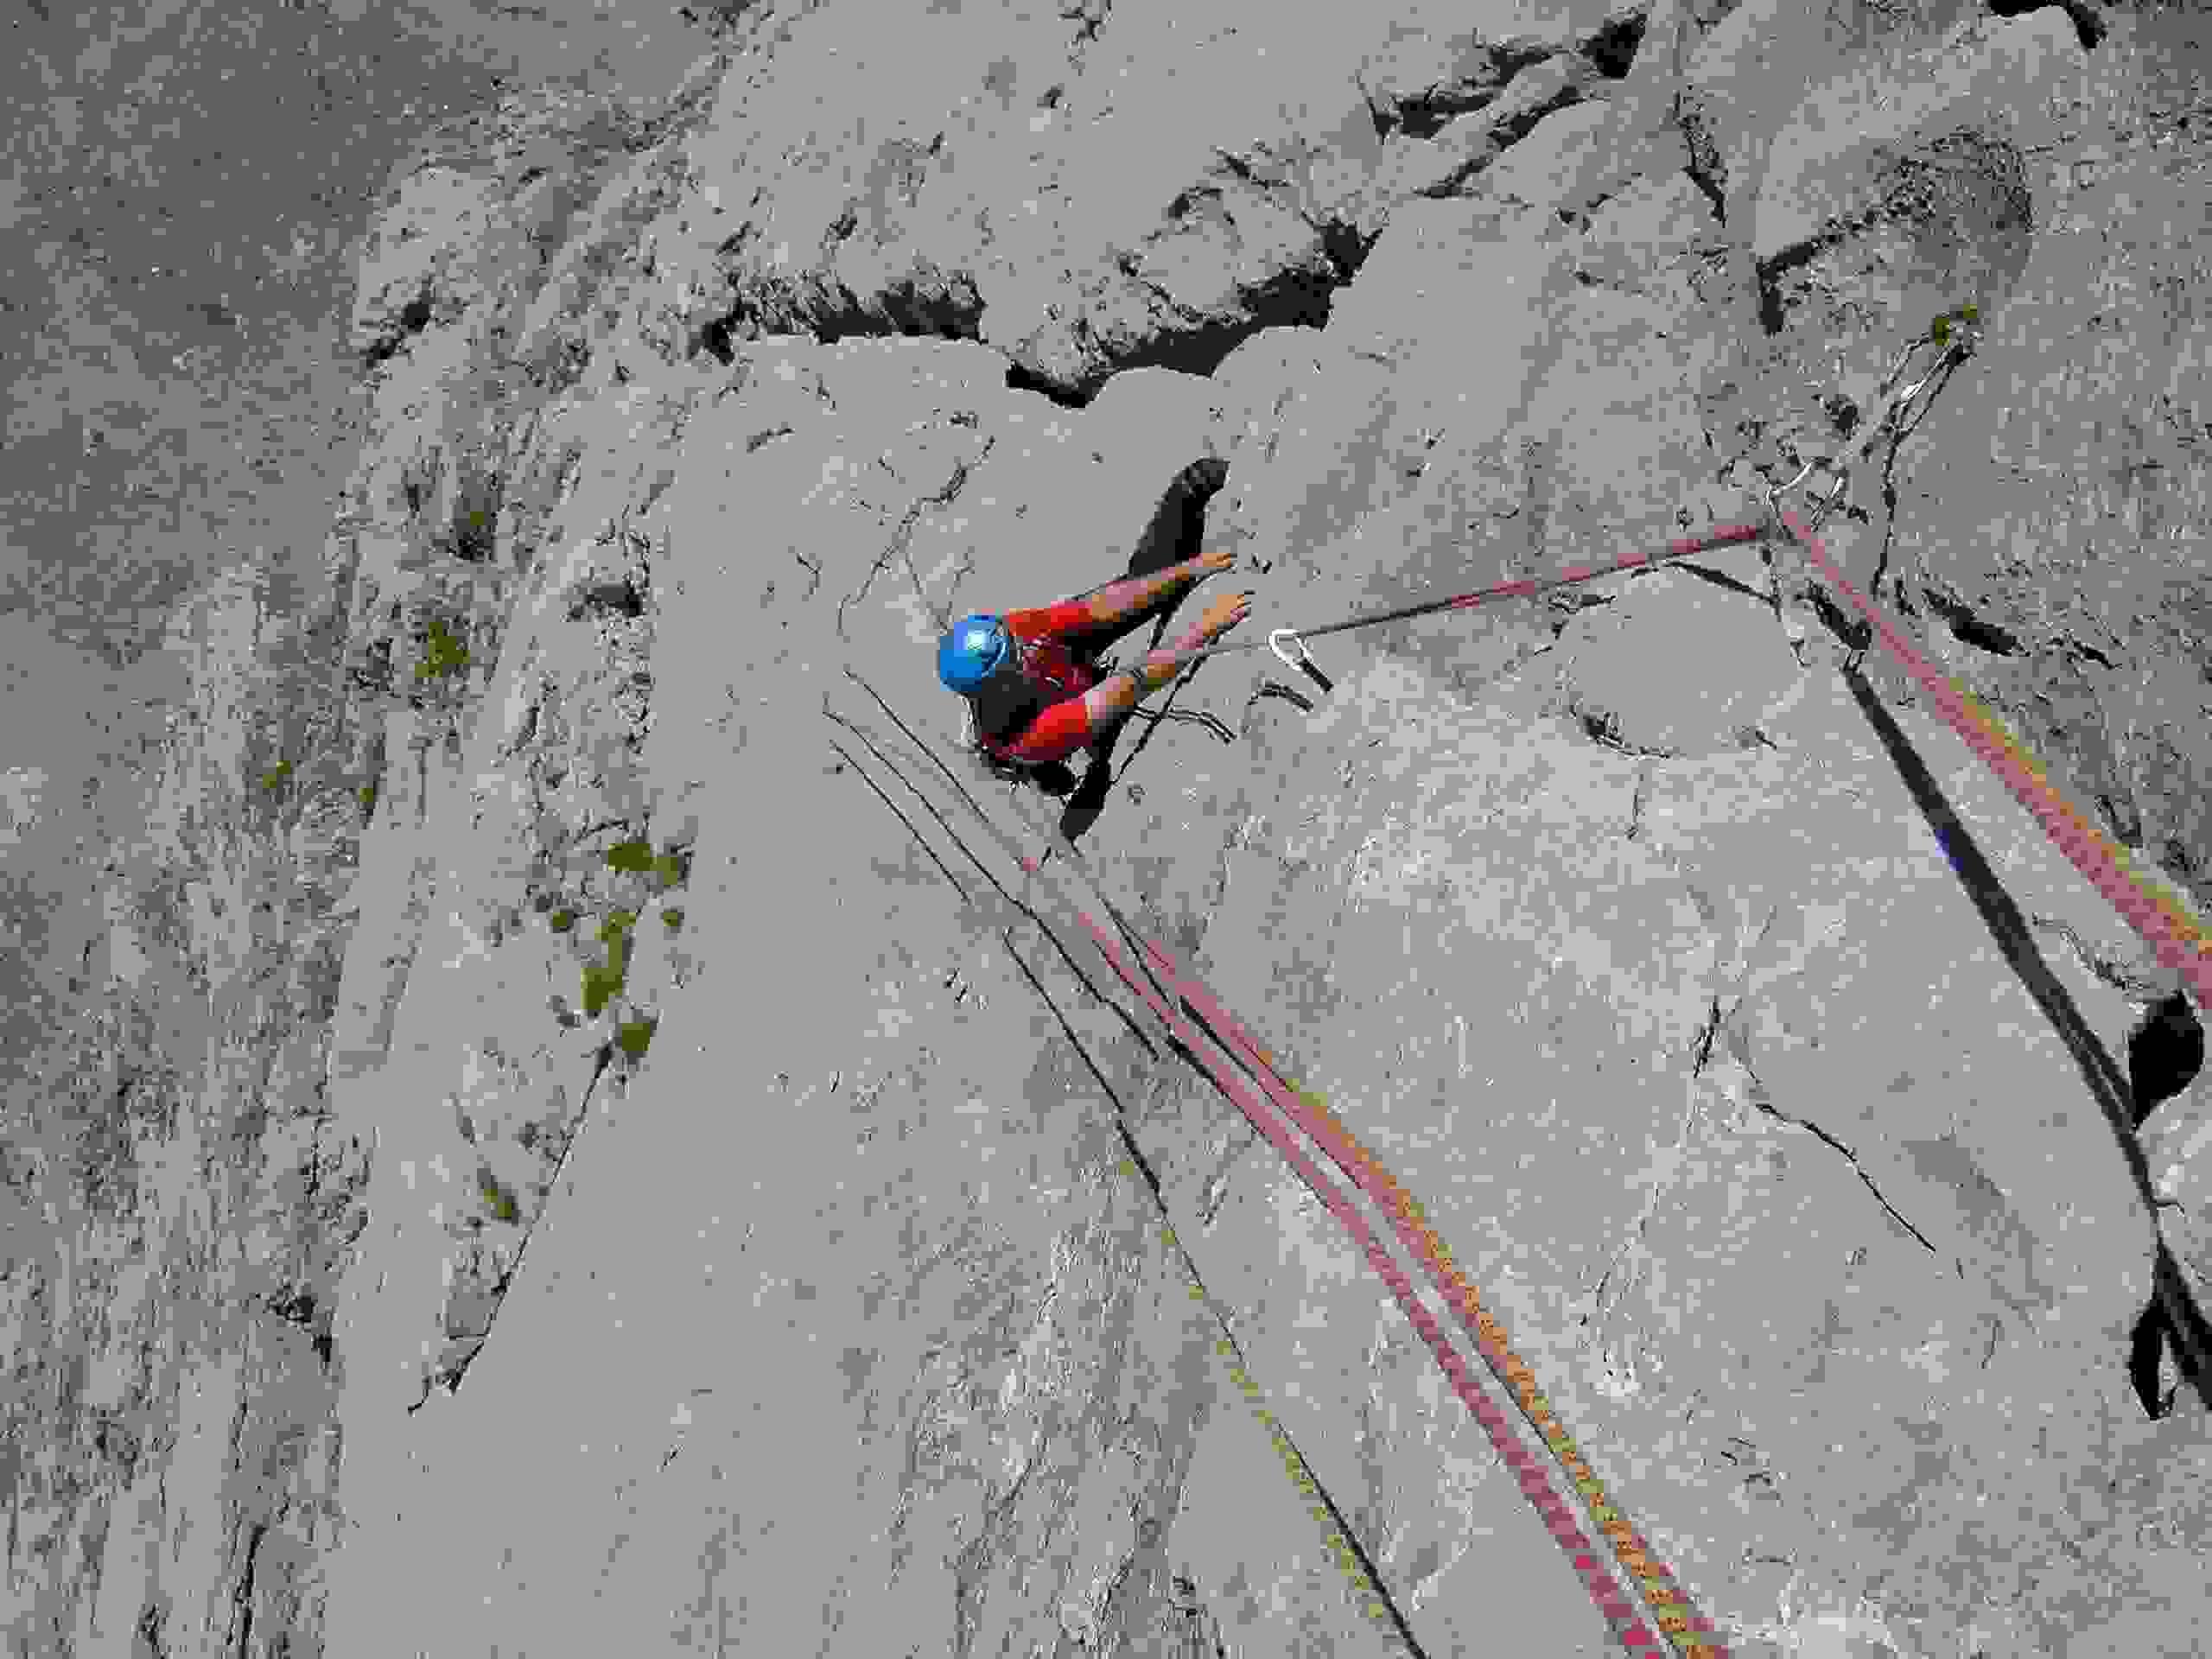 Foto: Kühberger Rudolf / Kletter Tour / Der wahre Kletterwahnsinn VIII+ / Schmid Albert klettert die anhaltend schwierige 7. Sl.    meit 7 - bis 7 + / 05.03.2007 15:51:37